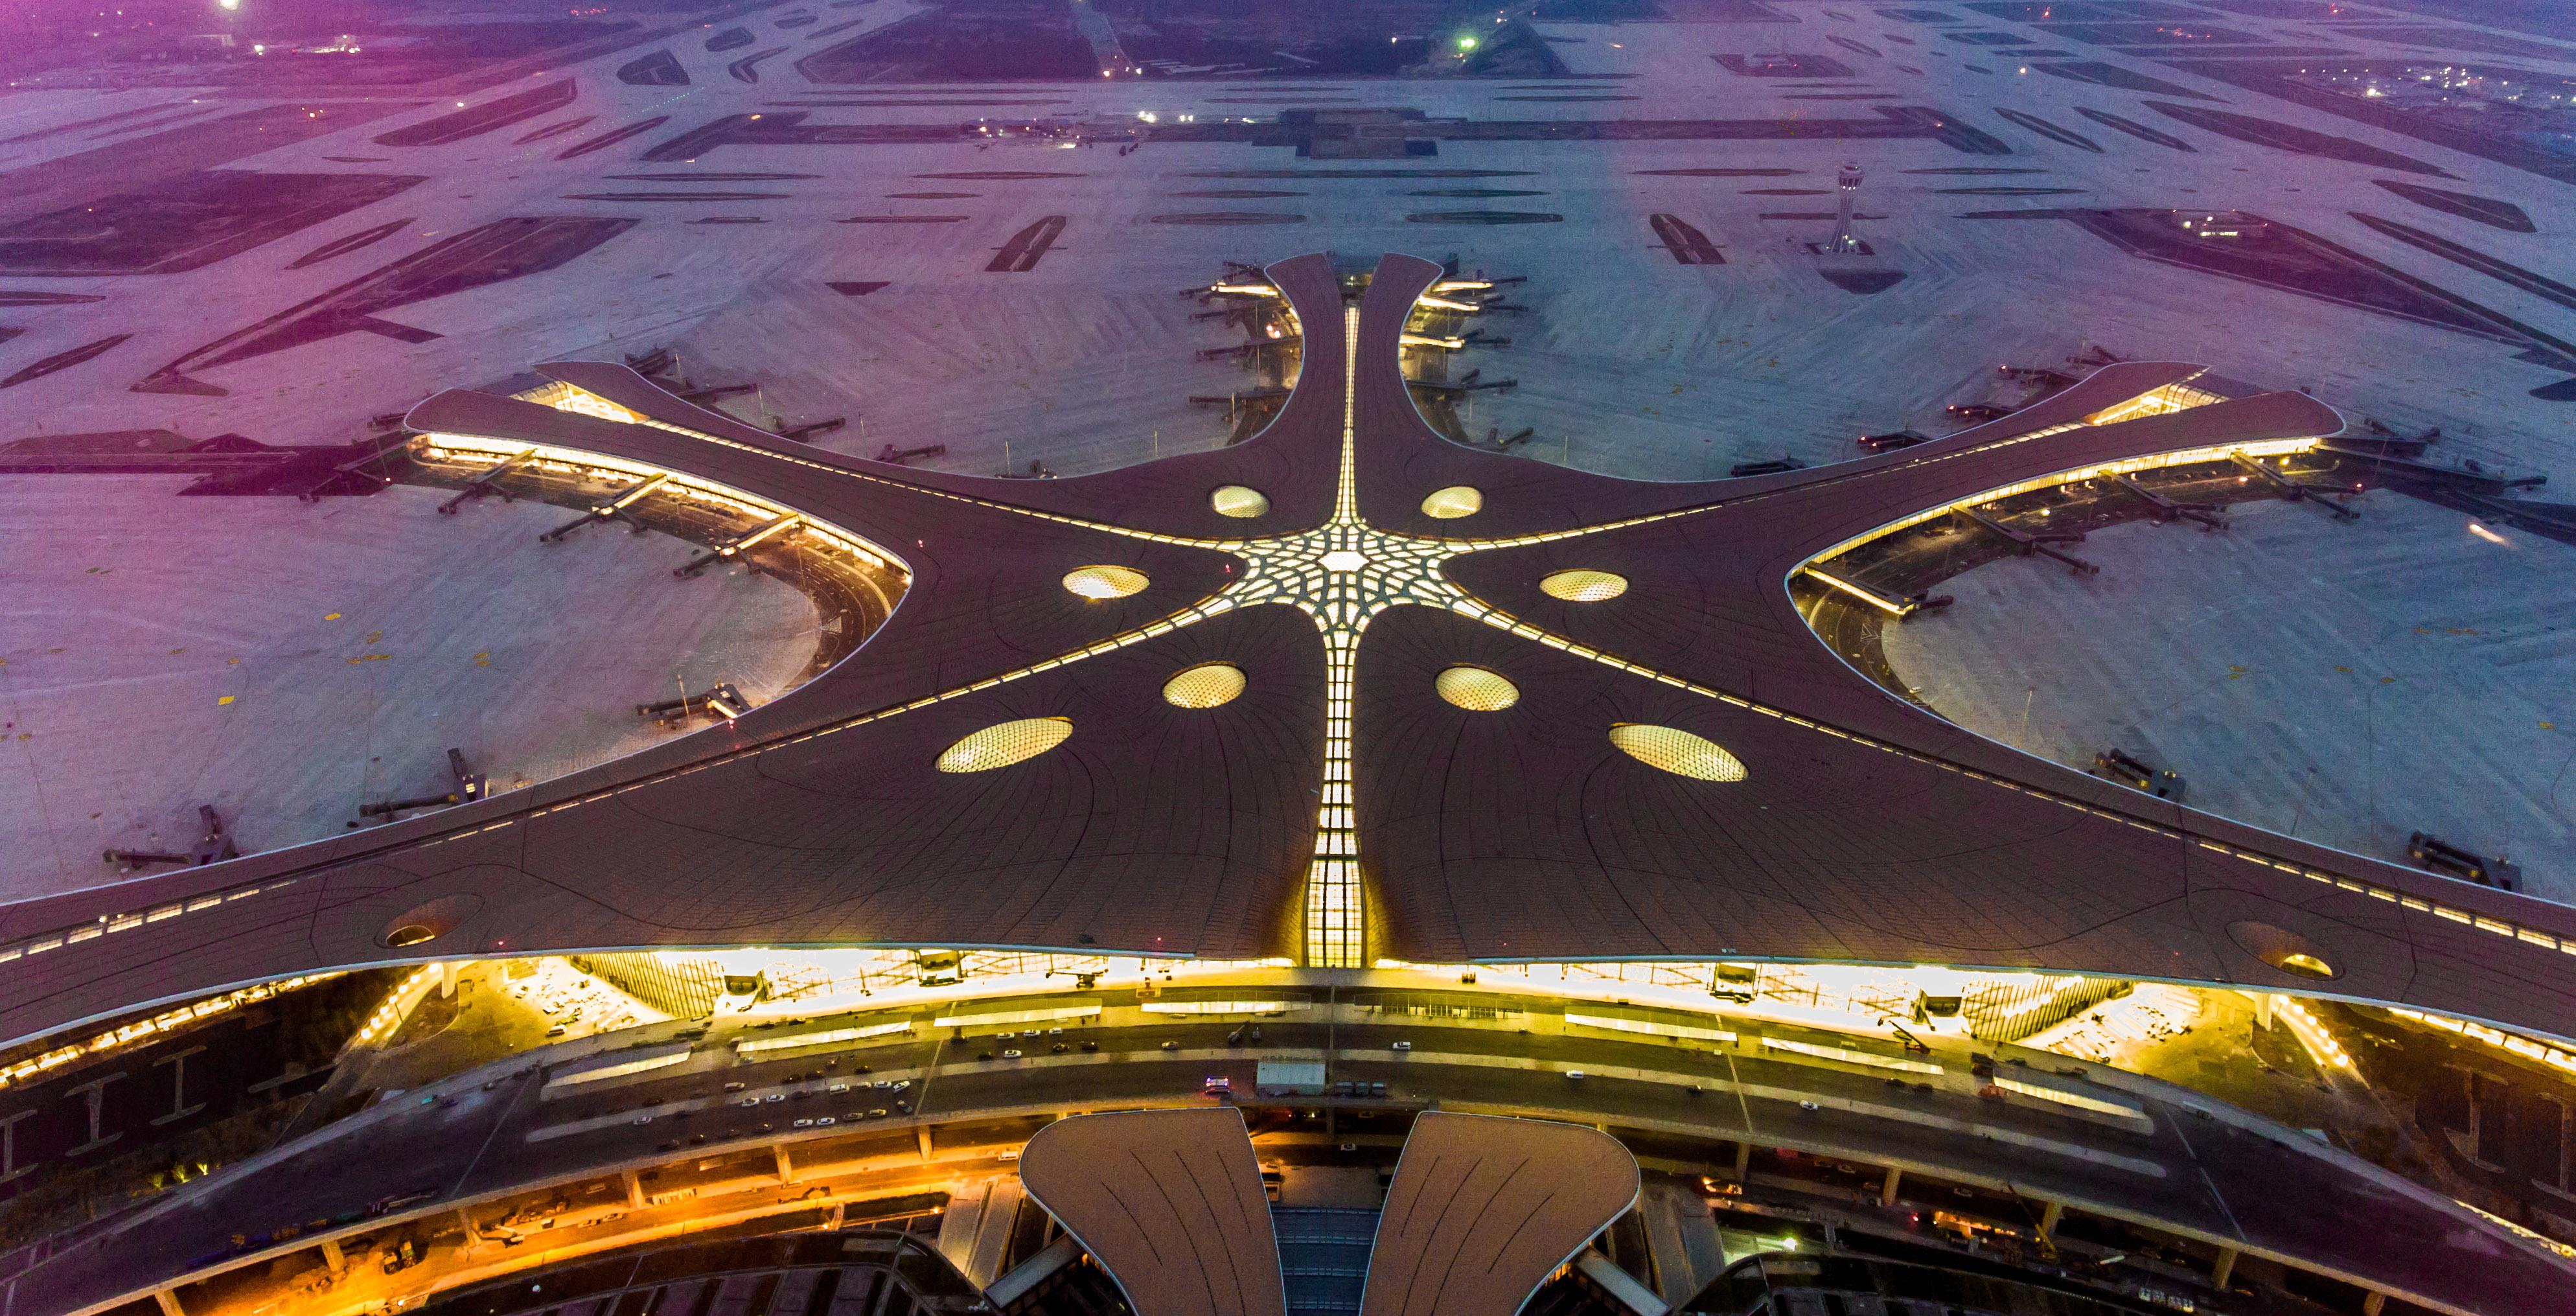 北京大兴新机场主要工程竣工 夜晚候机楼更绚丽